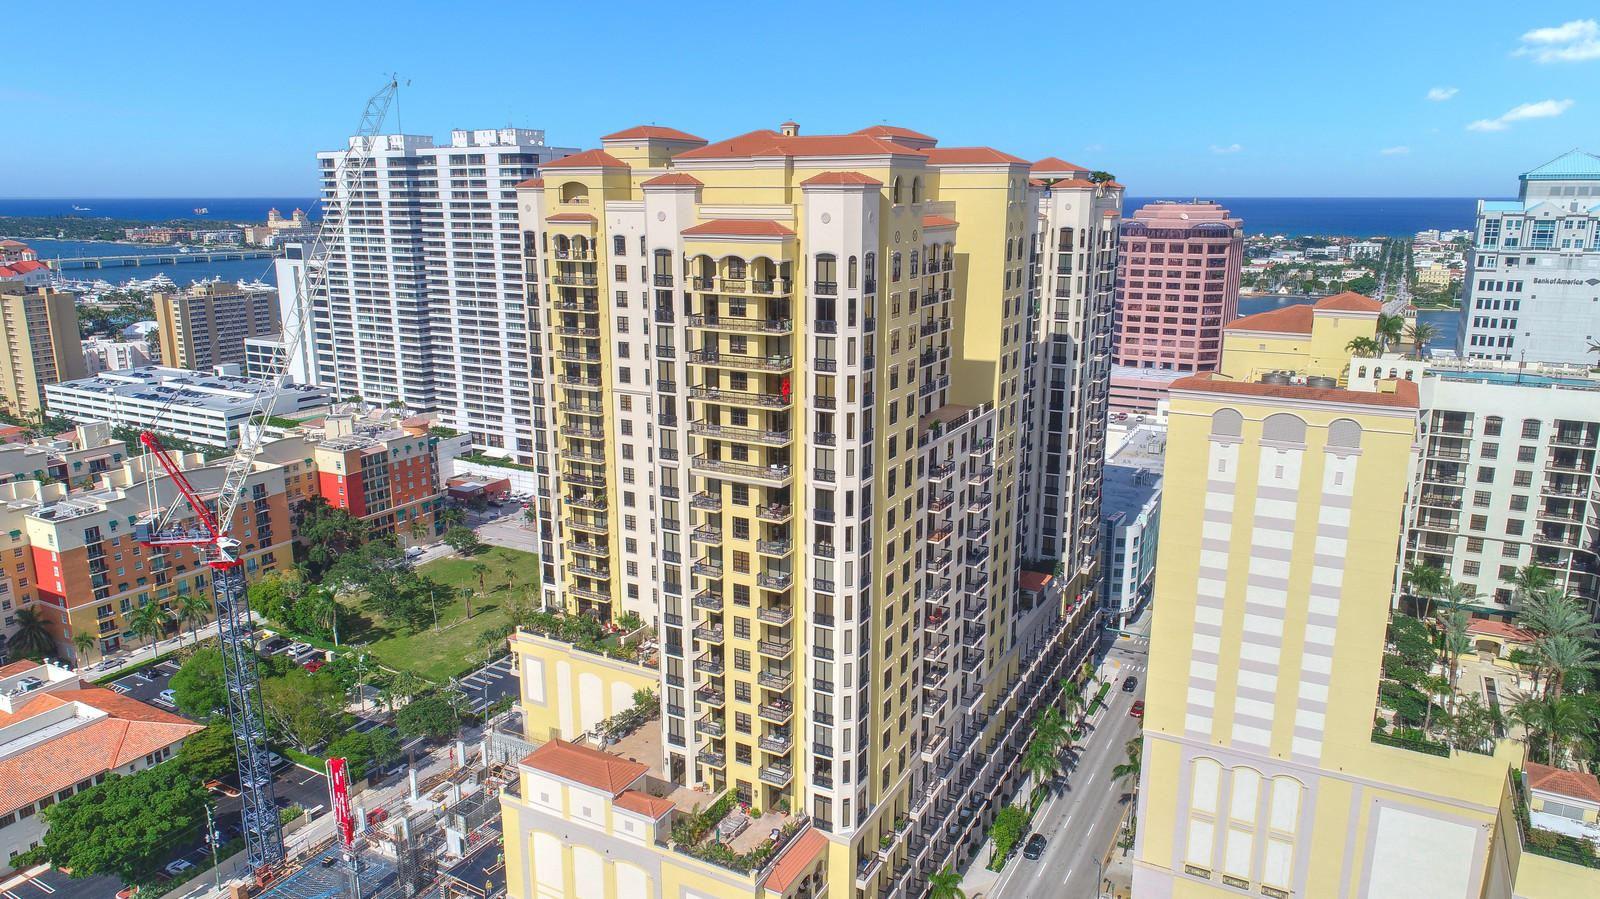 701 S Olive Avenue Unit 1204 West Palm Beach, FL 33401